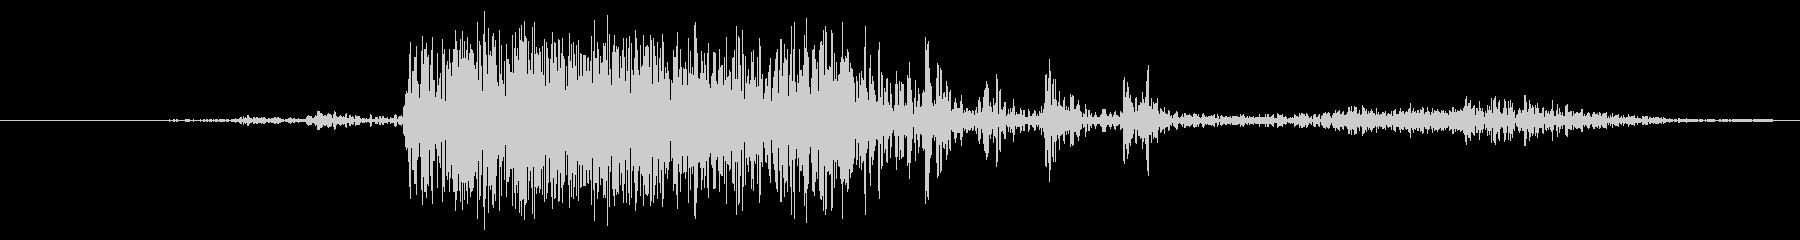 モンスター:ショートディープグロウ...の未再生の波形